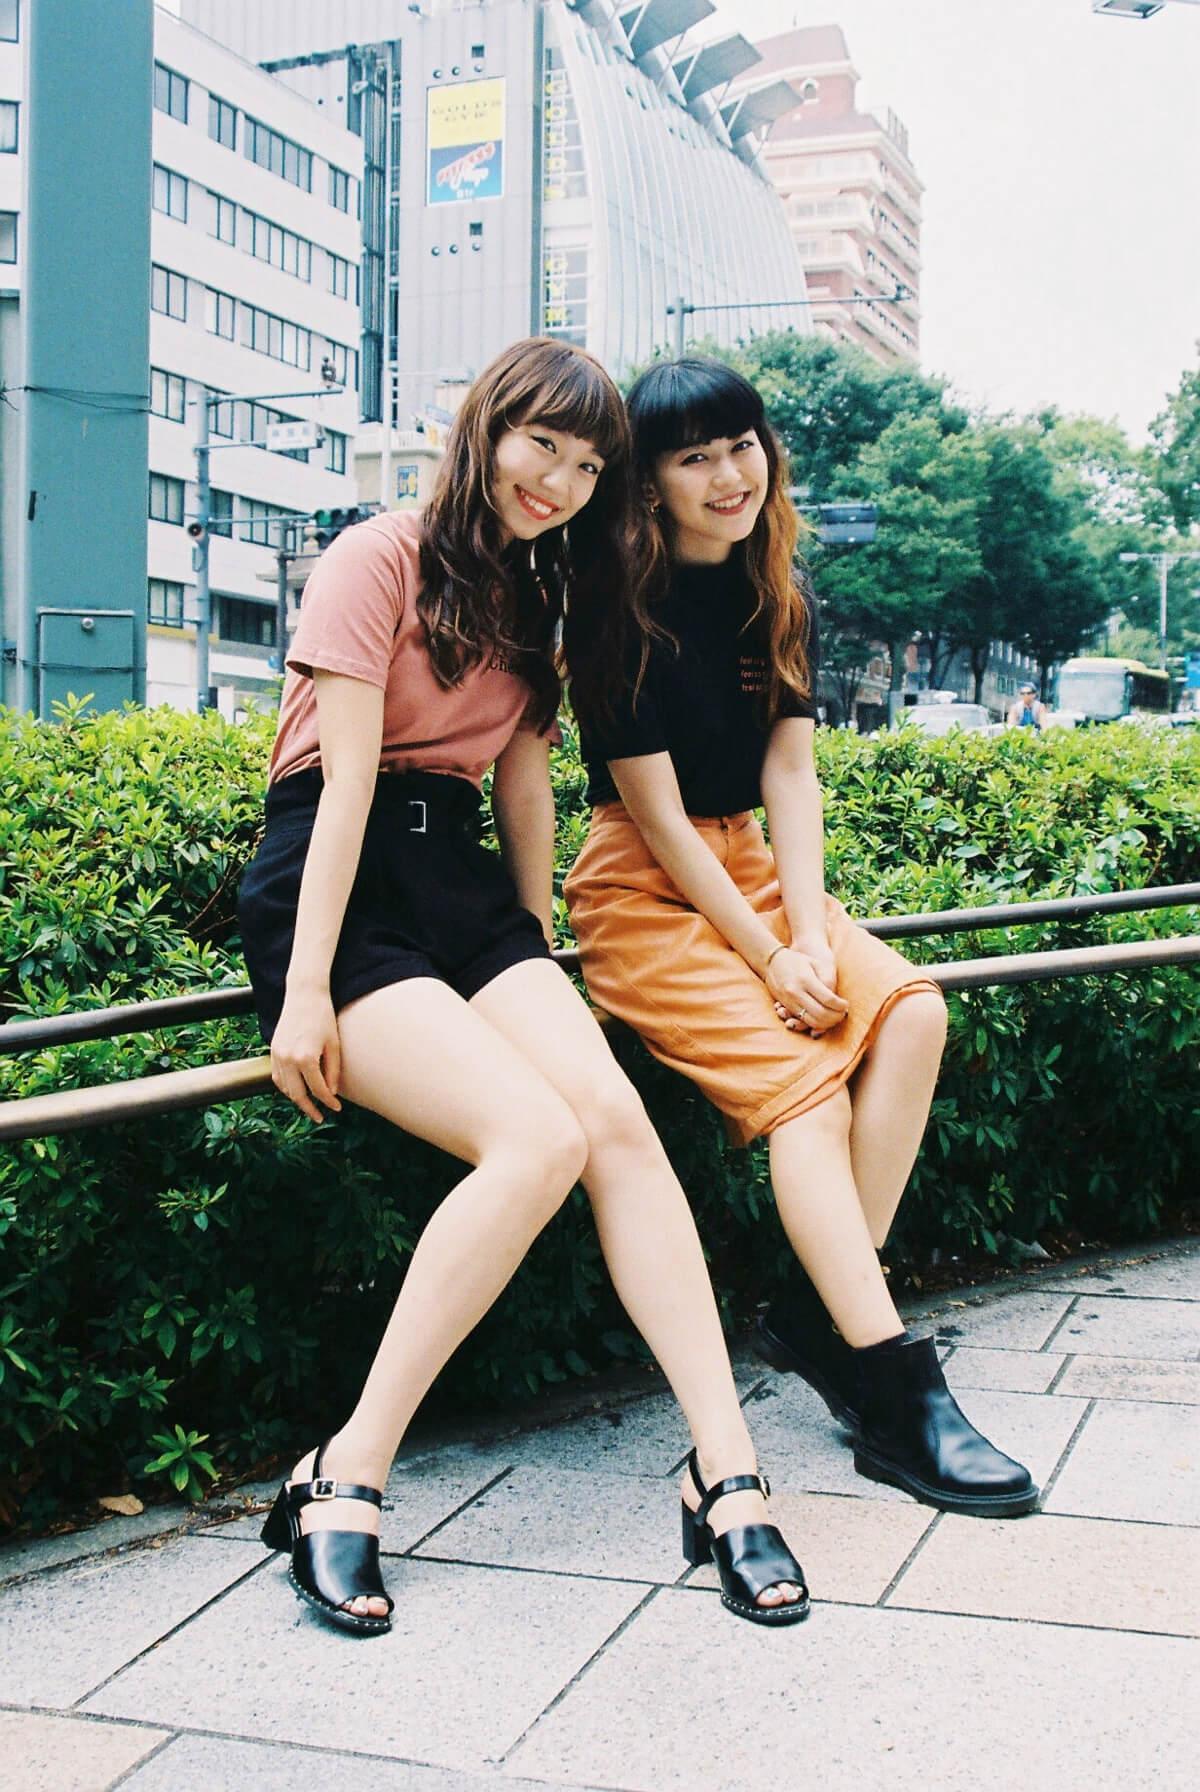 大矢梨華子 Oya rikako_4_1